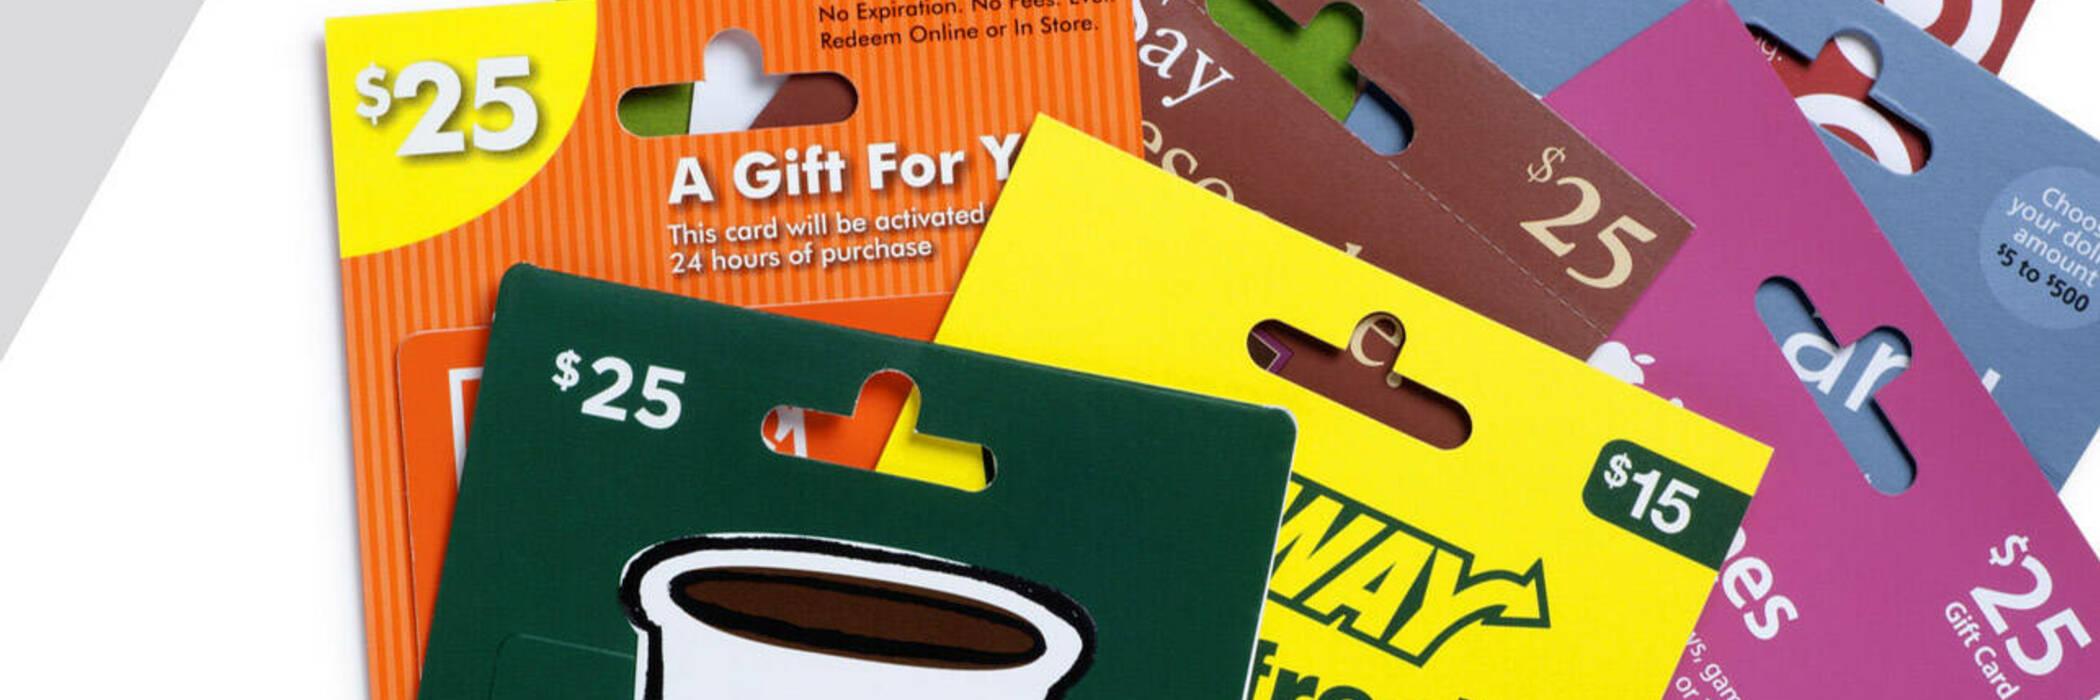 16sep marking gift cards hero